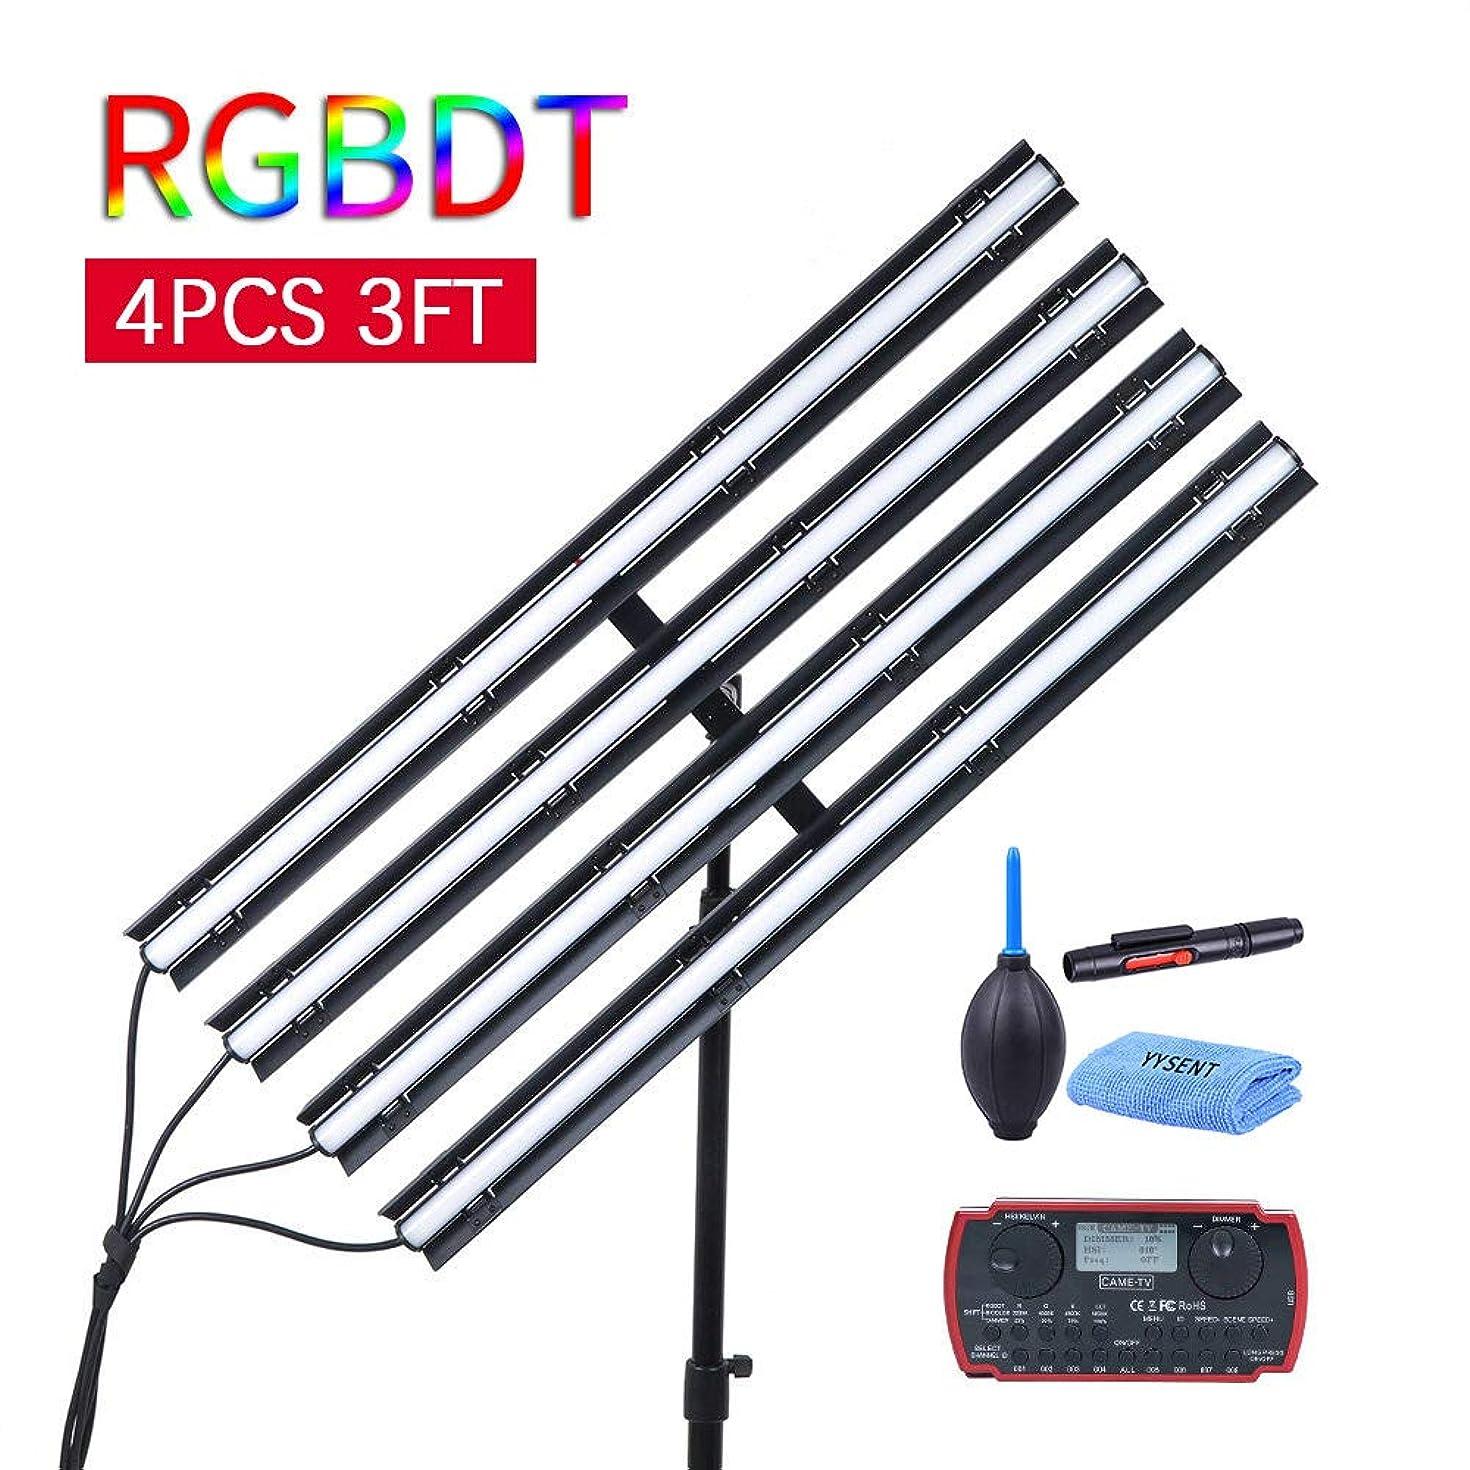 CAME-TV Boltzen Andromeda RGBDT Slim Tube LED Video Lighting Kit 4 Pcs 3FT-R Lights Ice Light Wand